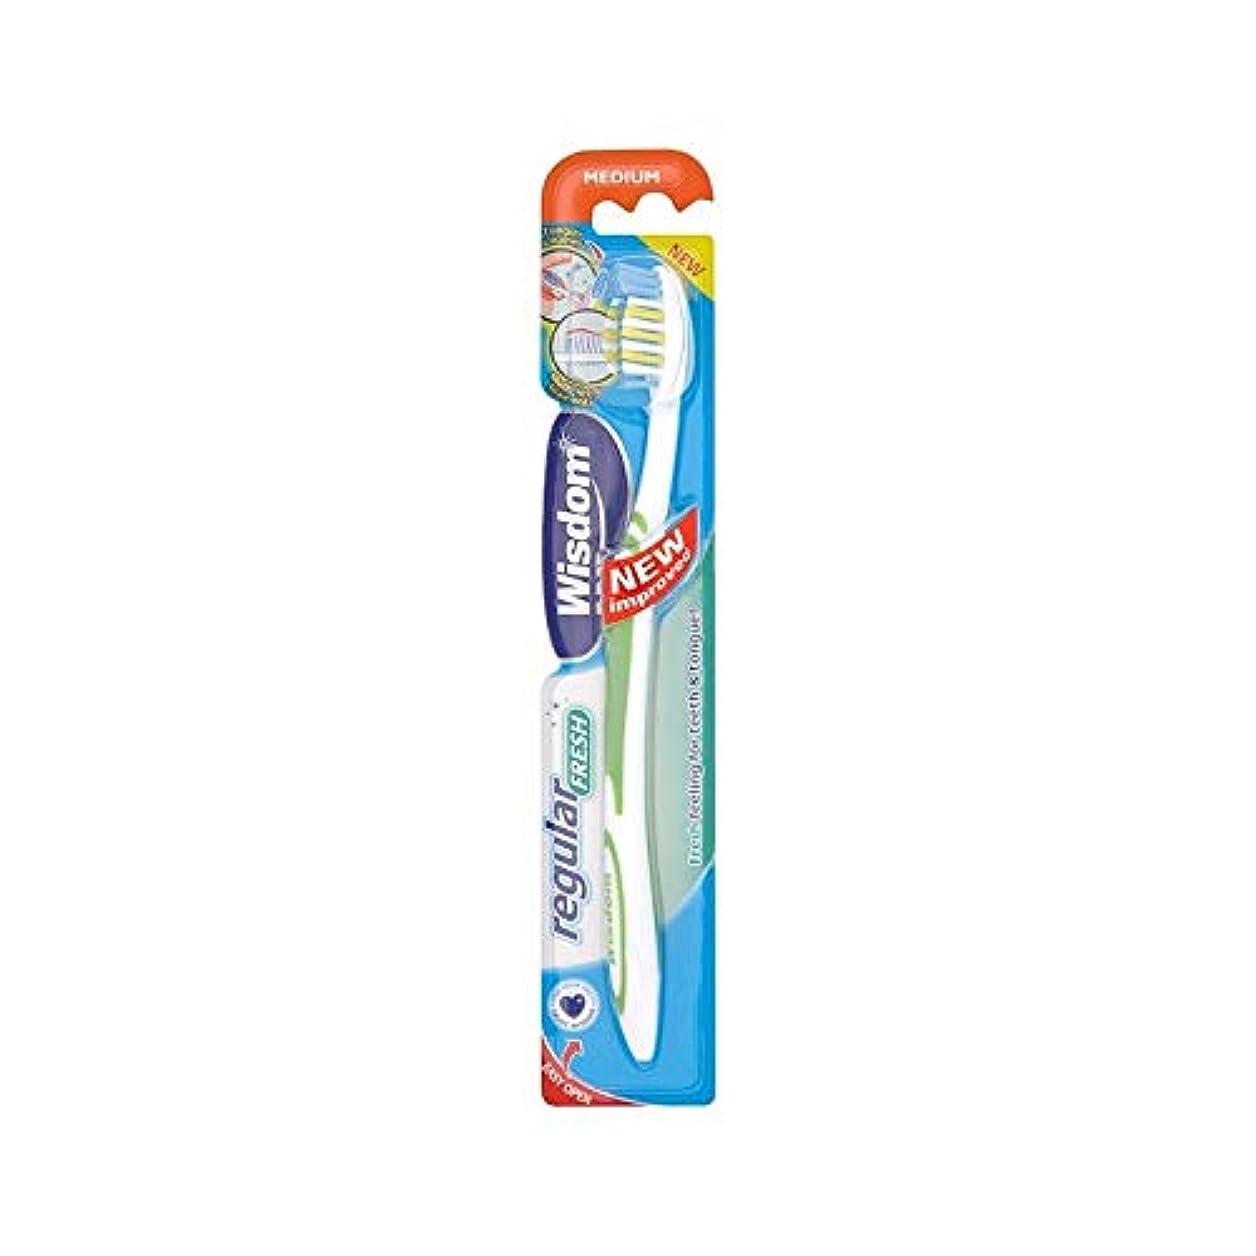 任意つまずくどきどき[Wisdom ] 12の知恵定期的に新鮮な培地歯ブラシパック - Wisdom Regular Fresh Medium Toothbrush Pack of 12 [並行輸入品]